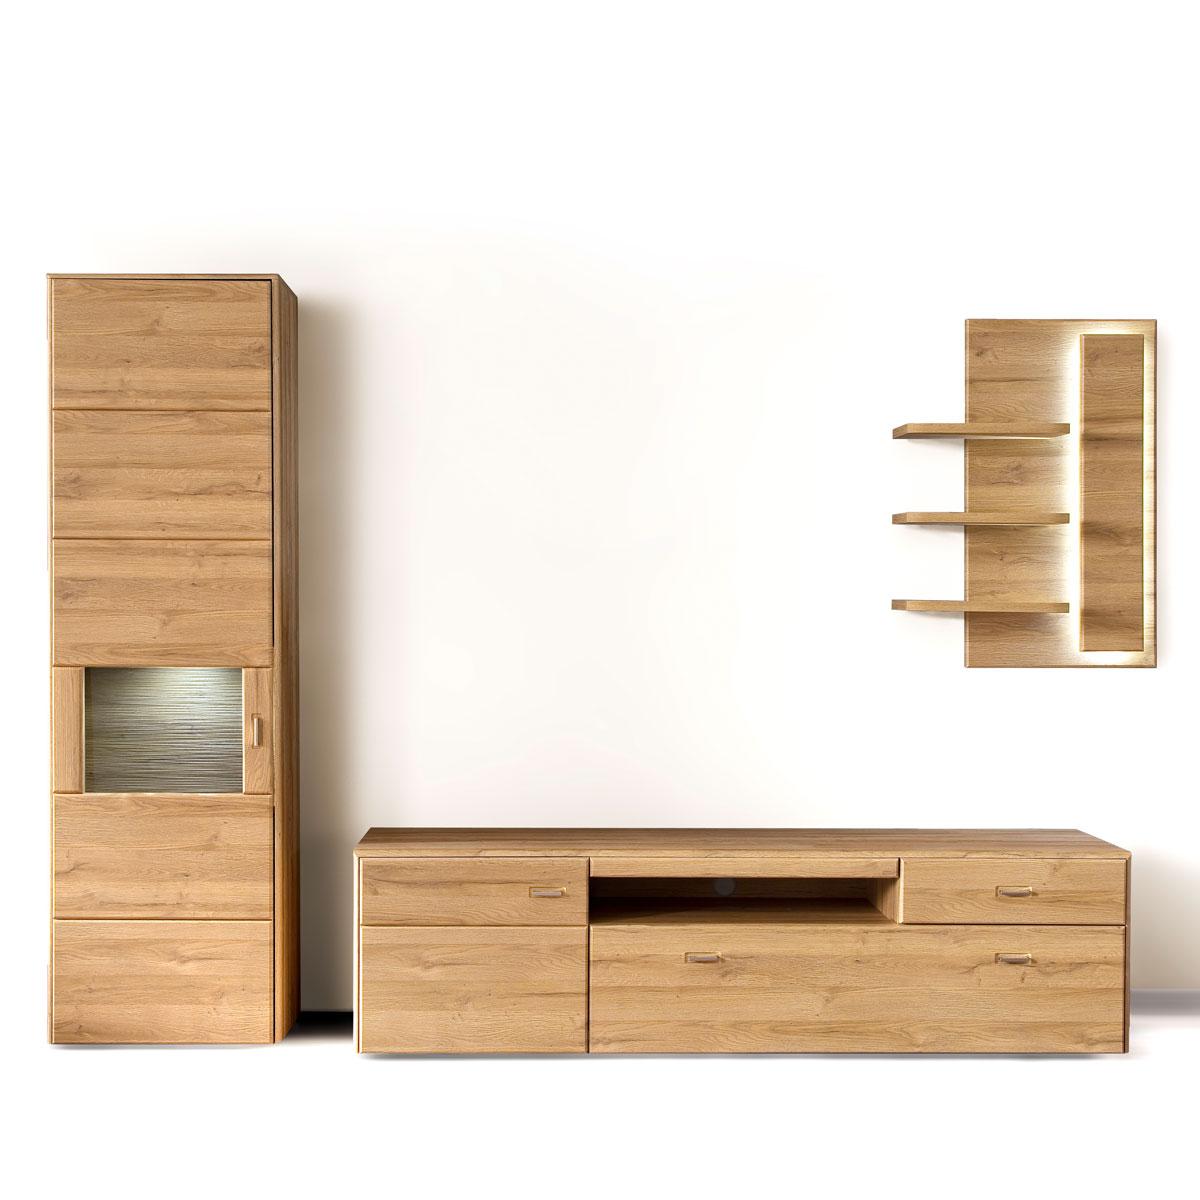 Mca Furniture Florenz Wohnkombination 2 Fur Ihr Wohnzimmer 3 Teilige Wohnwand Mit Vitrine Lowboard Und Wandregal Kombination In Grandson Oak